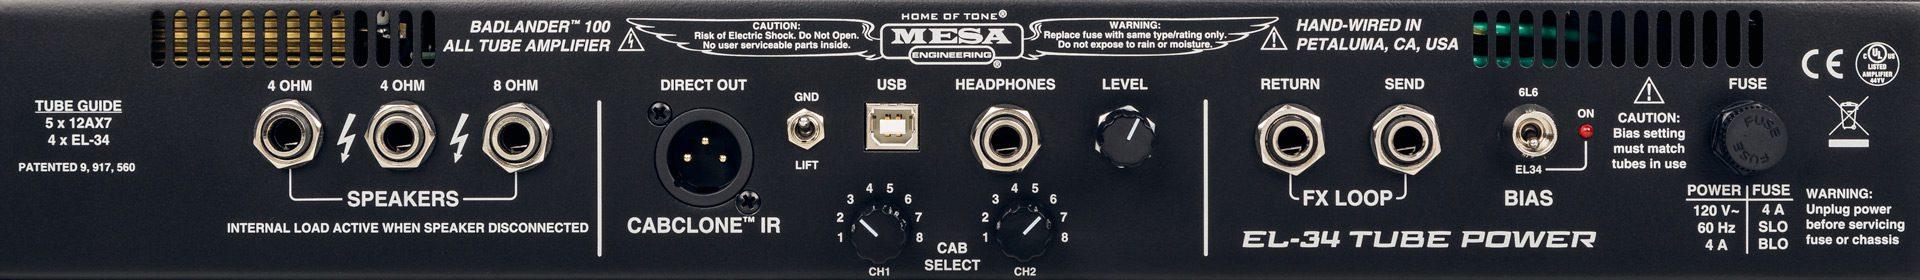 Mesa Boogie Badlander Topteil Panel Back